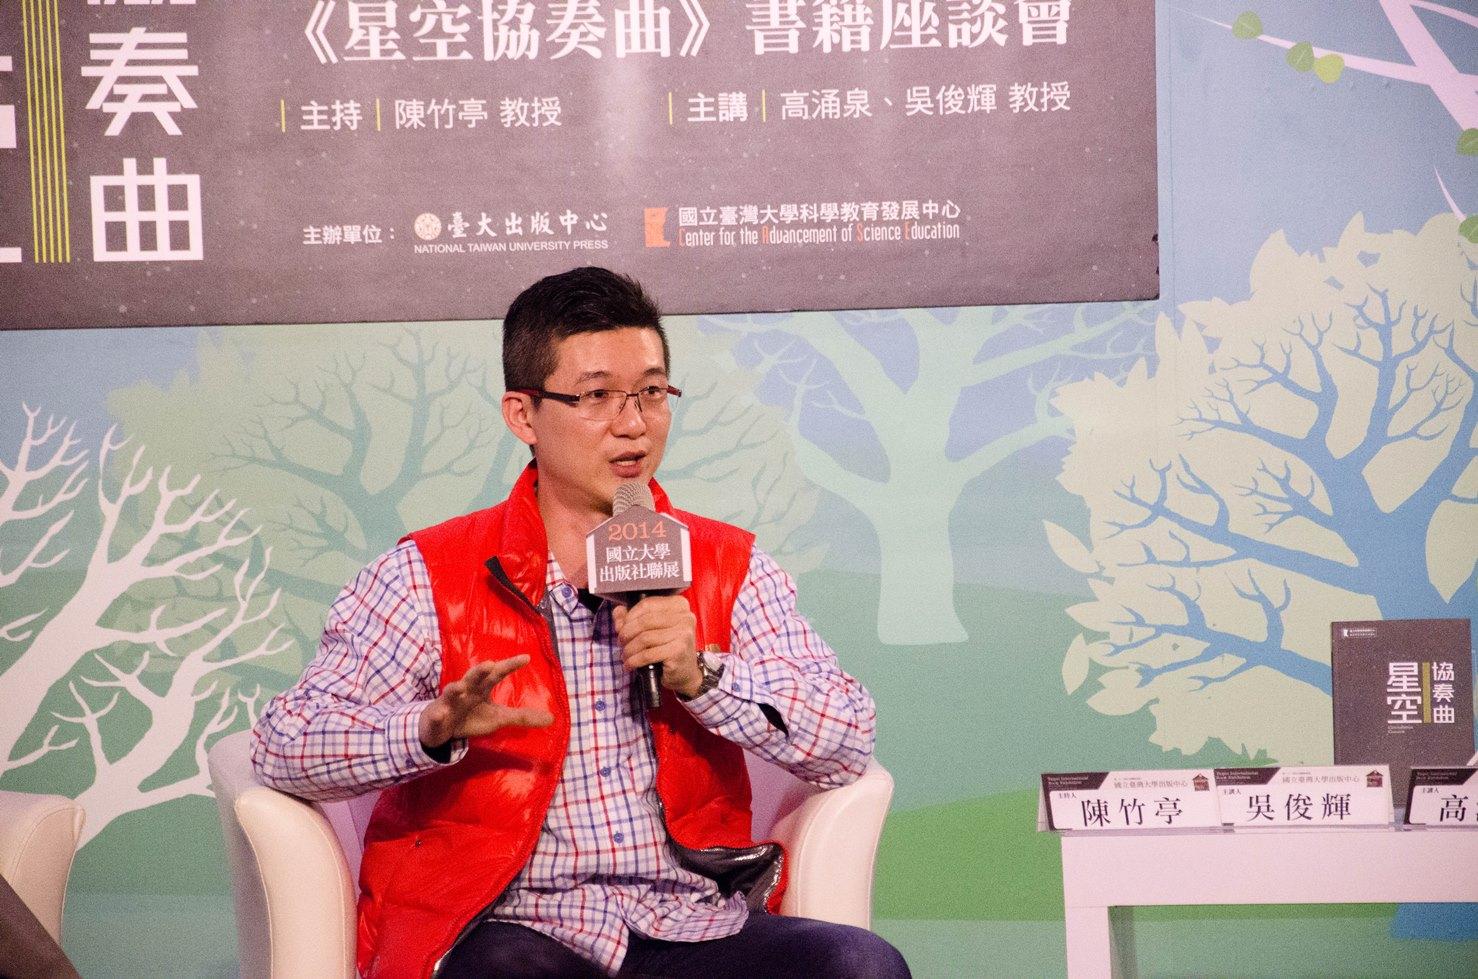 主講者吳俊輝老師